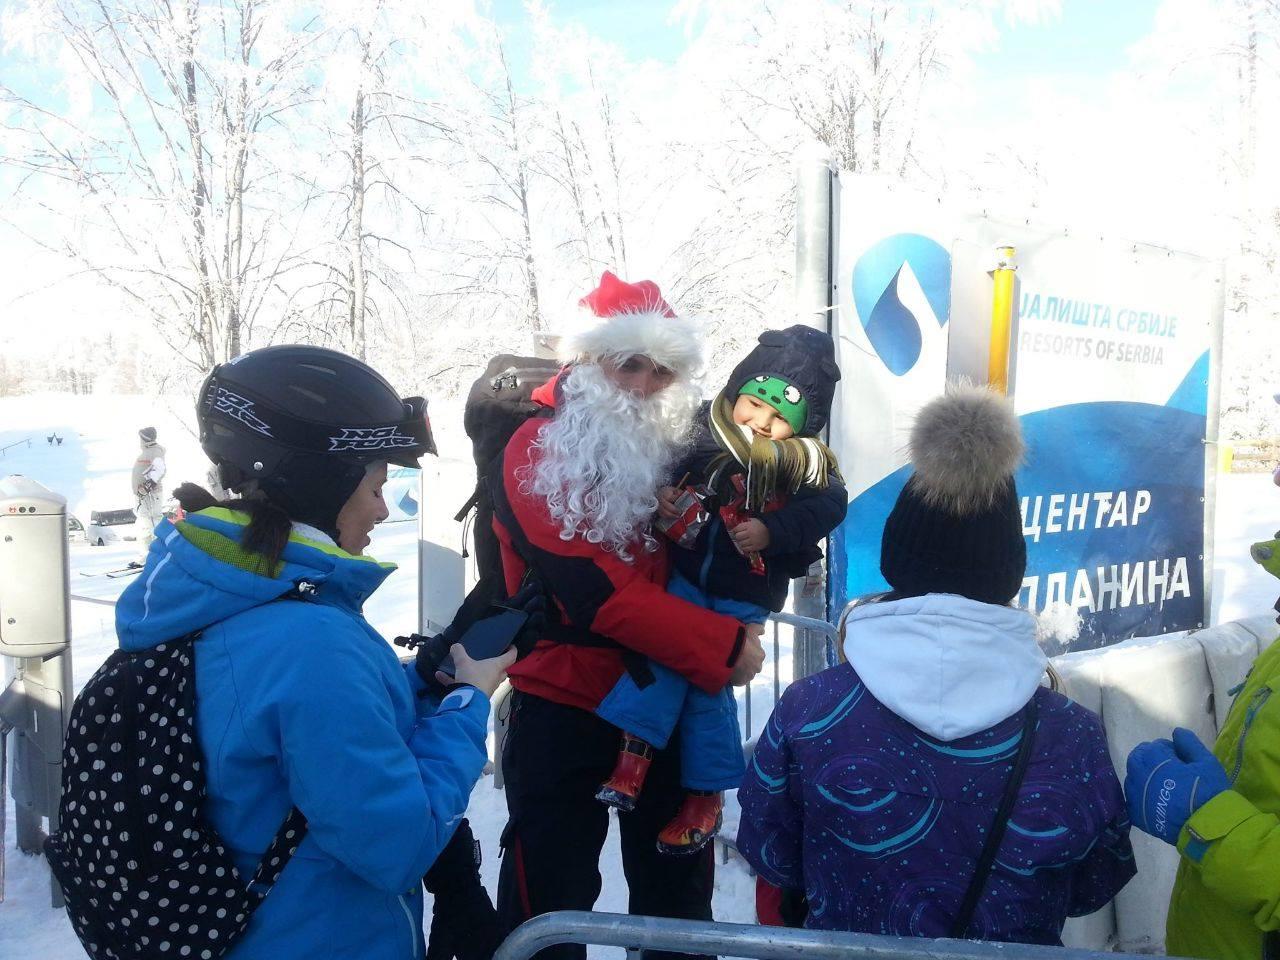 Photo of Spasioci u odelima Deda Mraza delili slatkiše mališanima u ski centrima